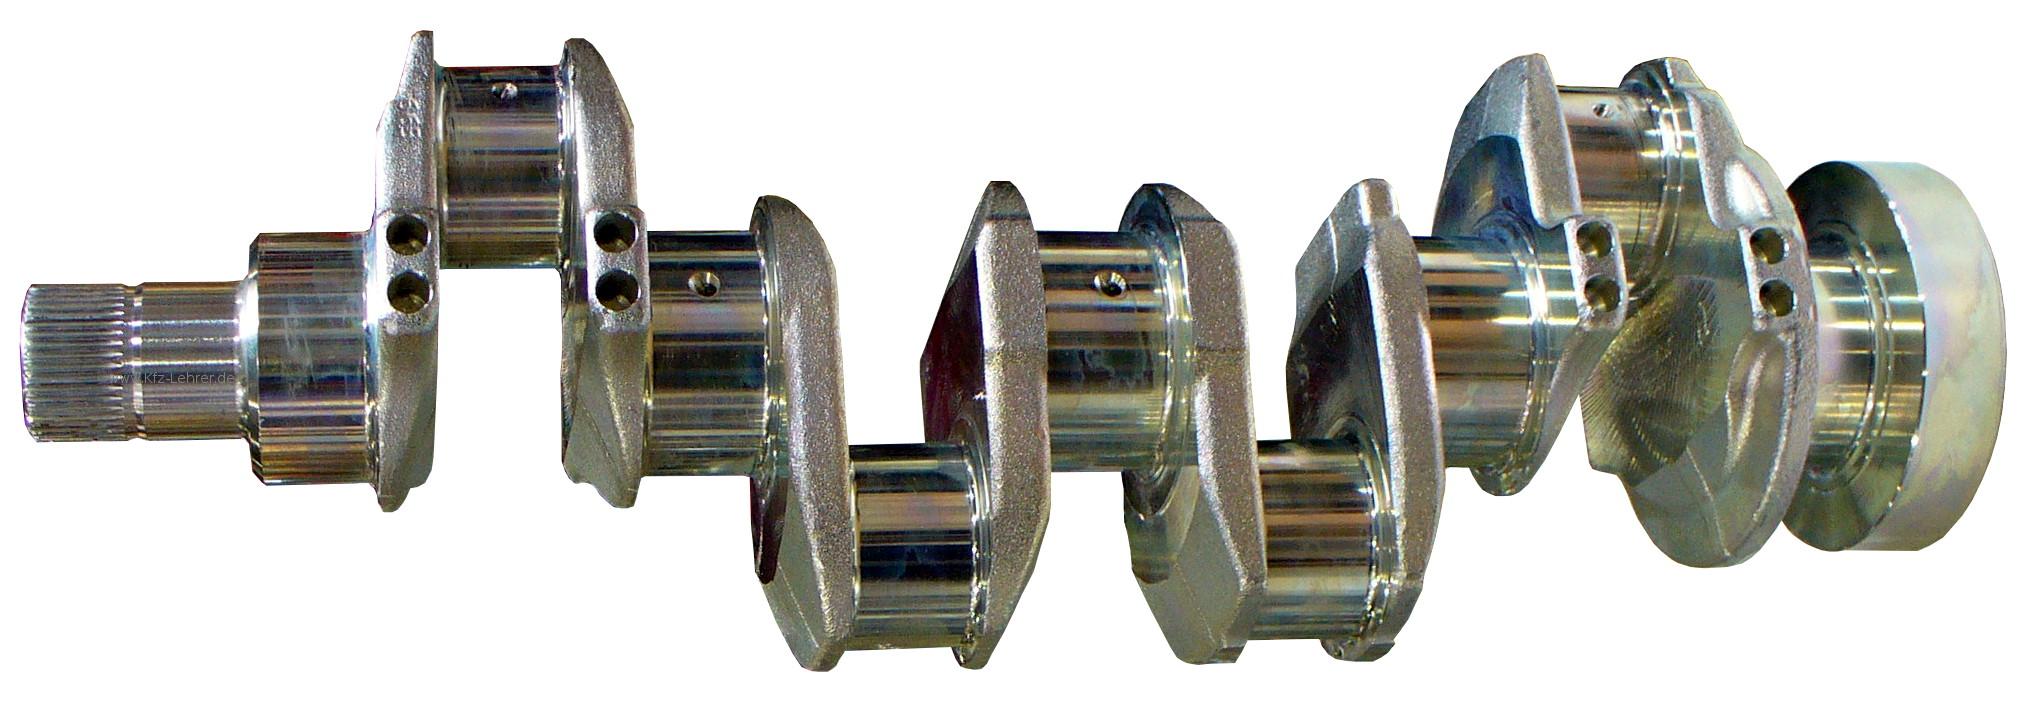 Sie sehen eine klassische gegossene Vier-Zylinder-Kurbelwelle